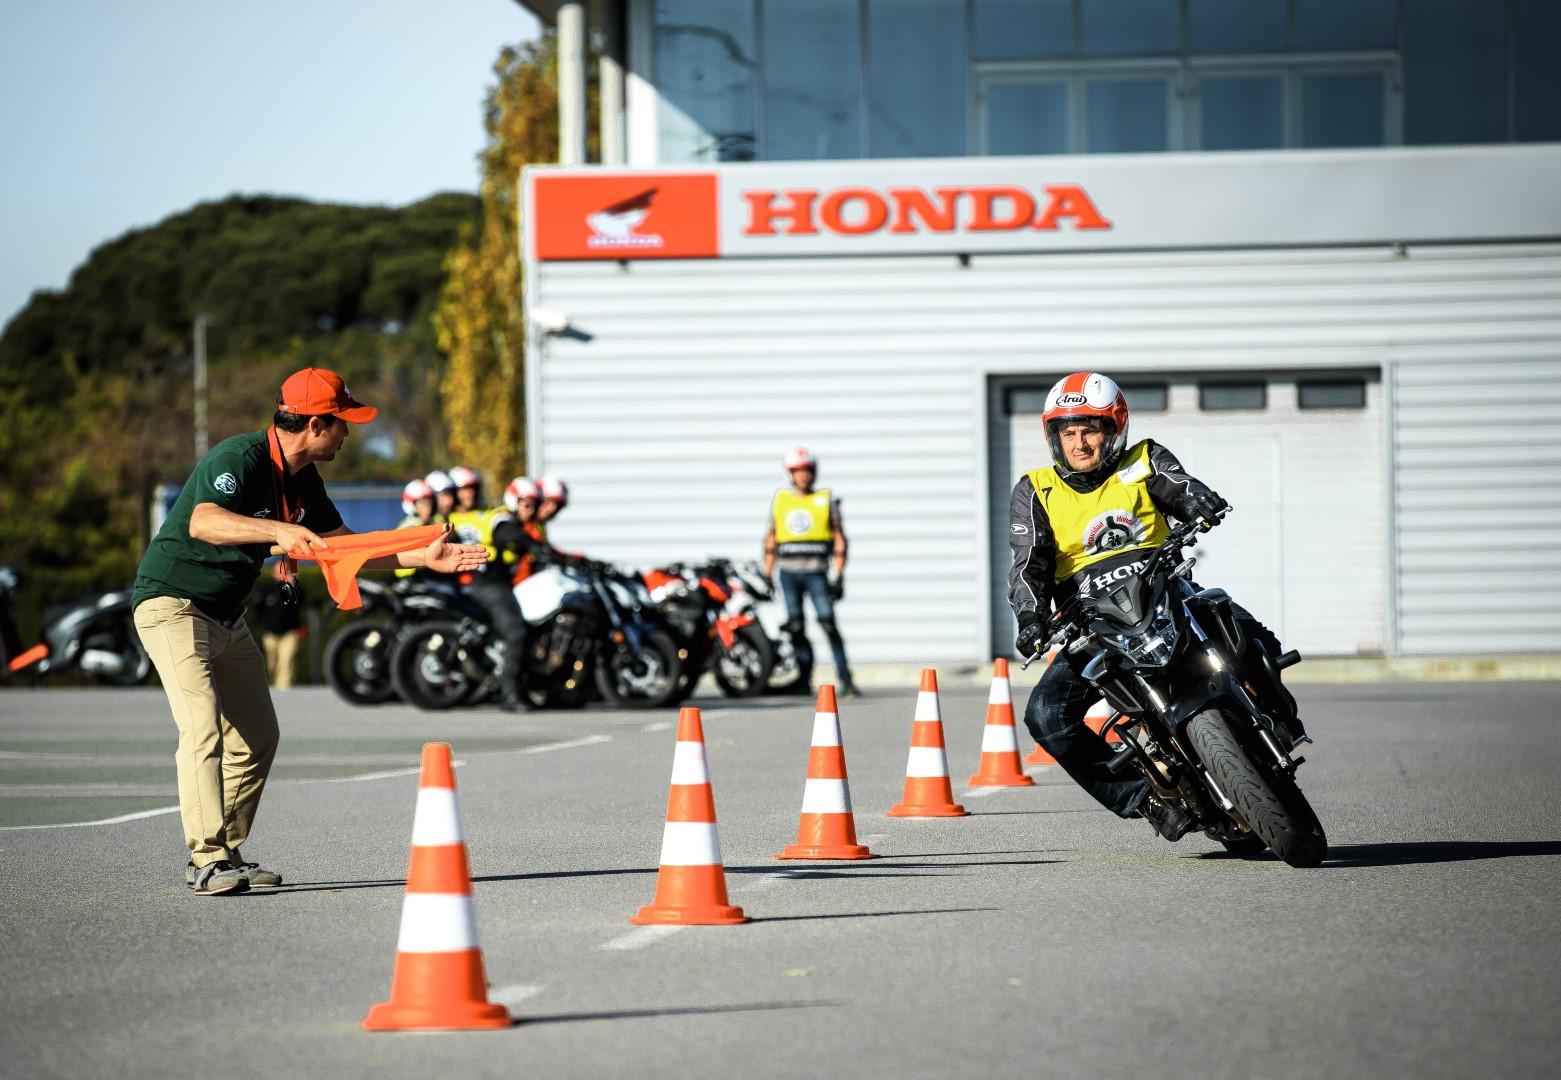 10º Aniversario del HIS: 25.000 motoristas ya se han beneficiado de los cursos de conducción segura